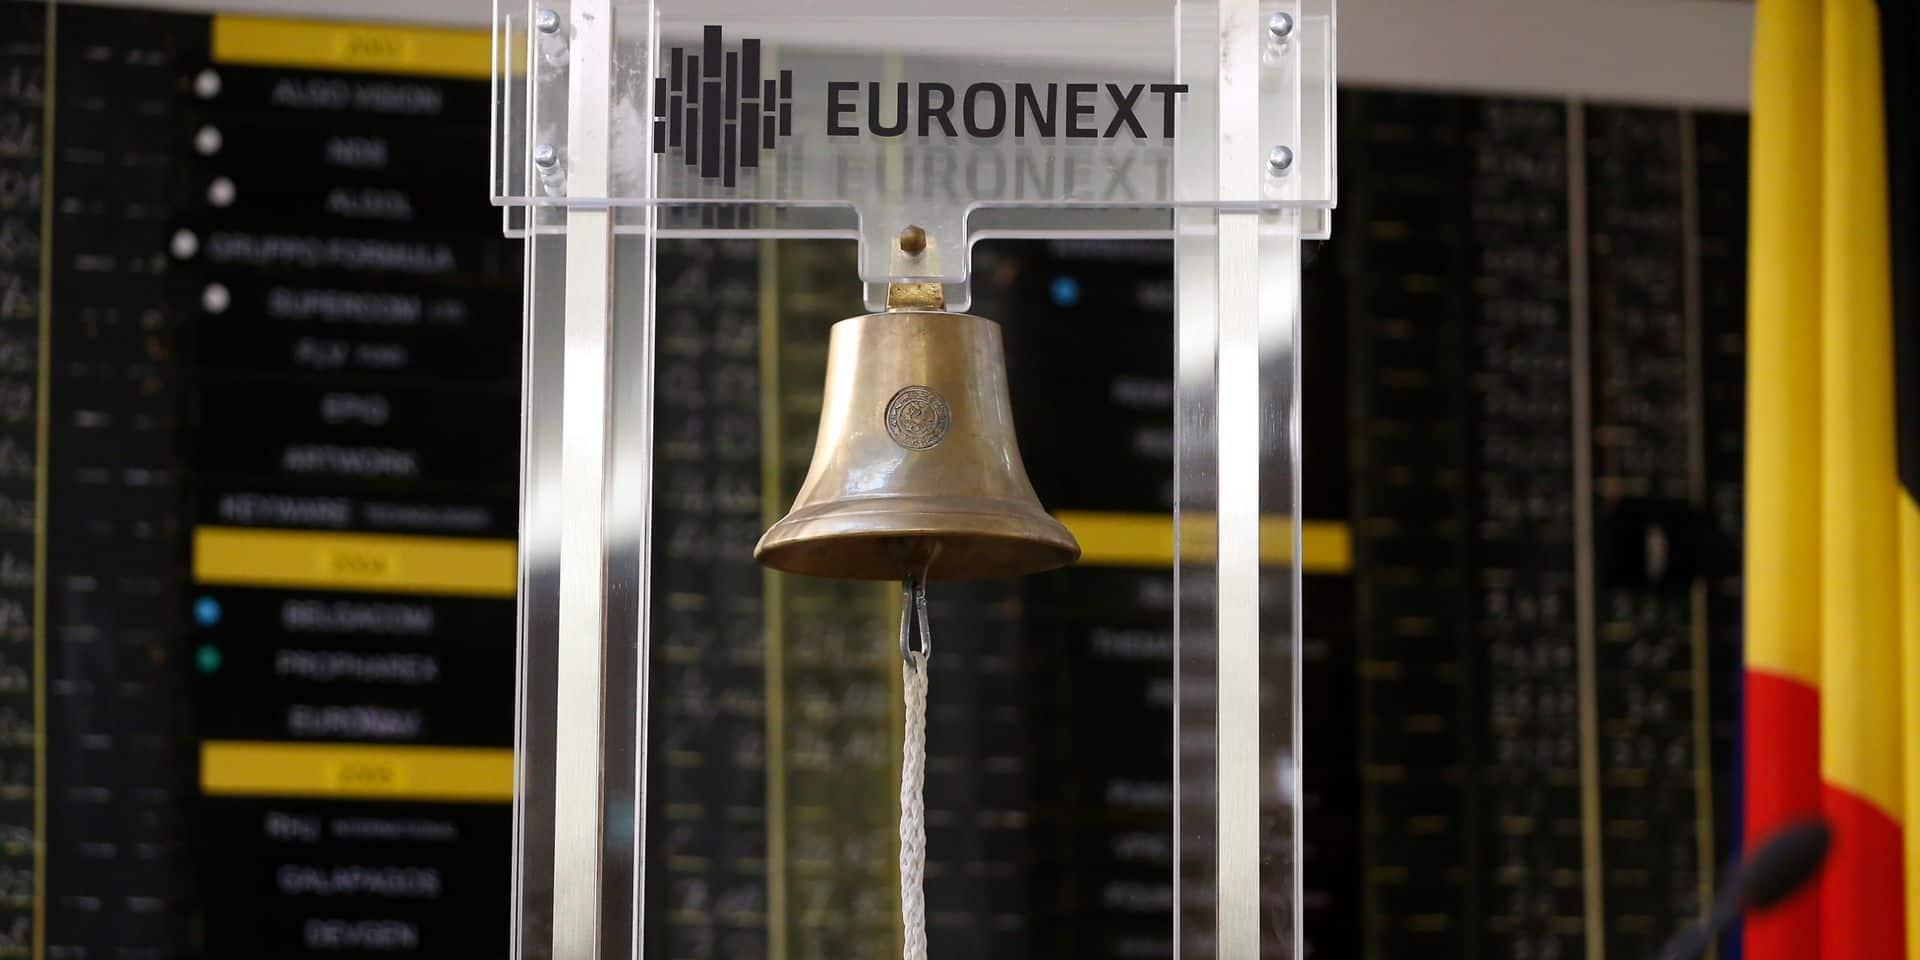 Baisse surprise des taux : Les bourses européennes ont le sourire à la clôture